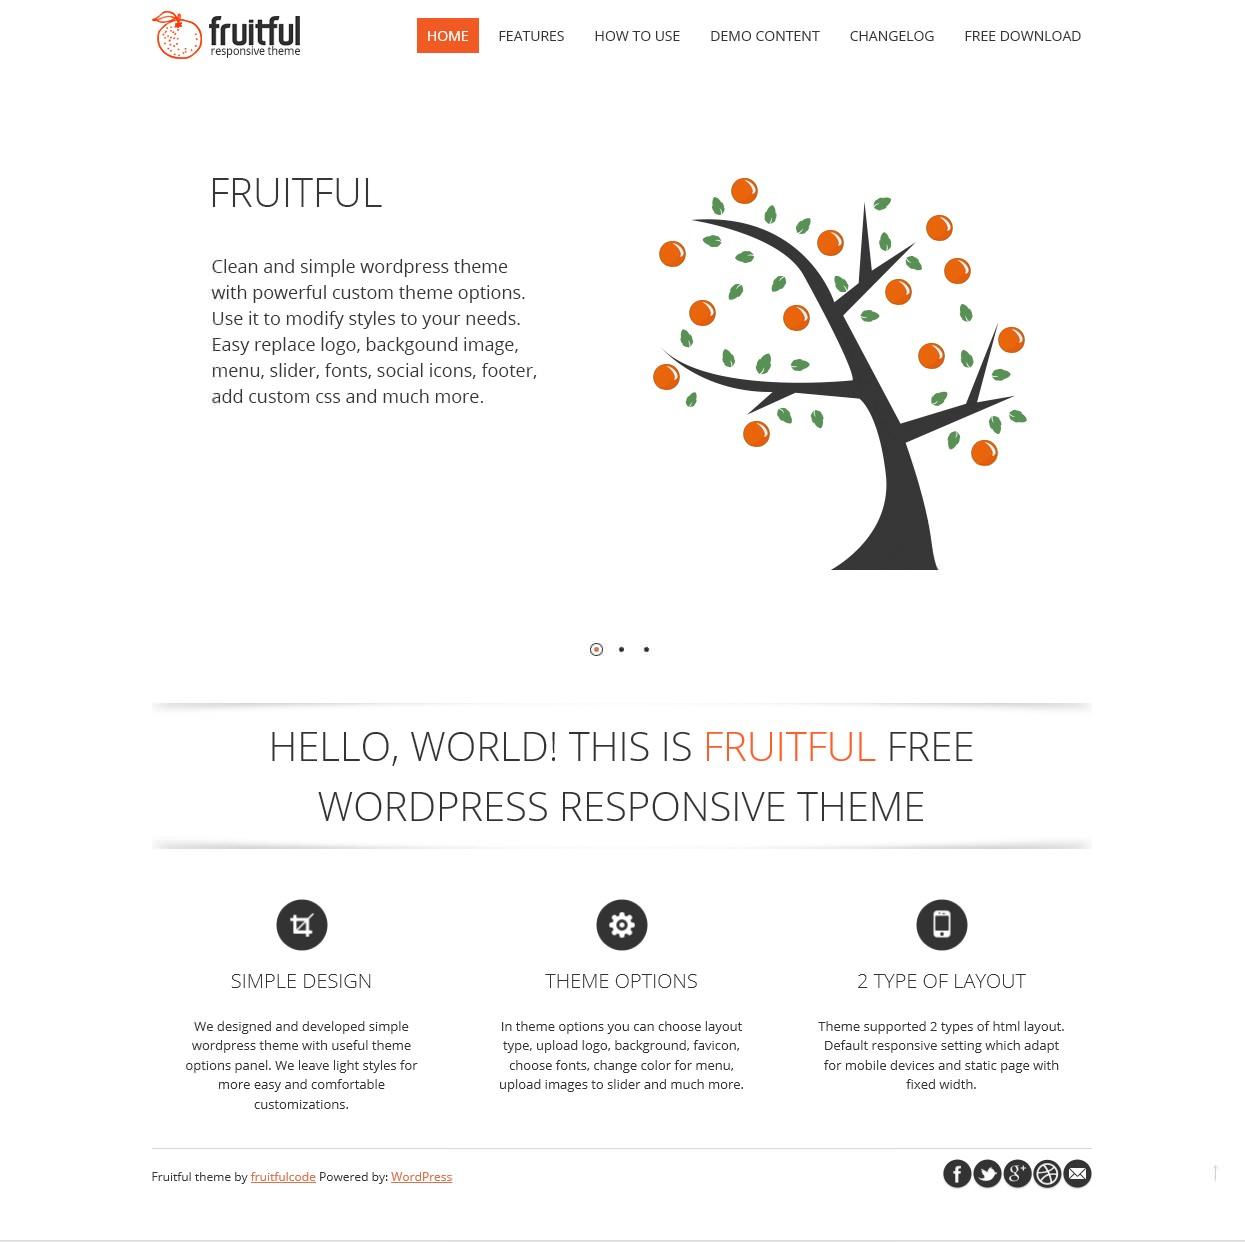 Fruitful - светлая тема со слайдером и адаптивным дизайном (1)